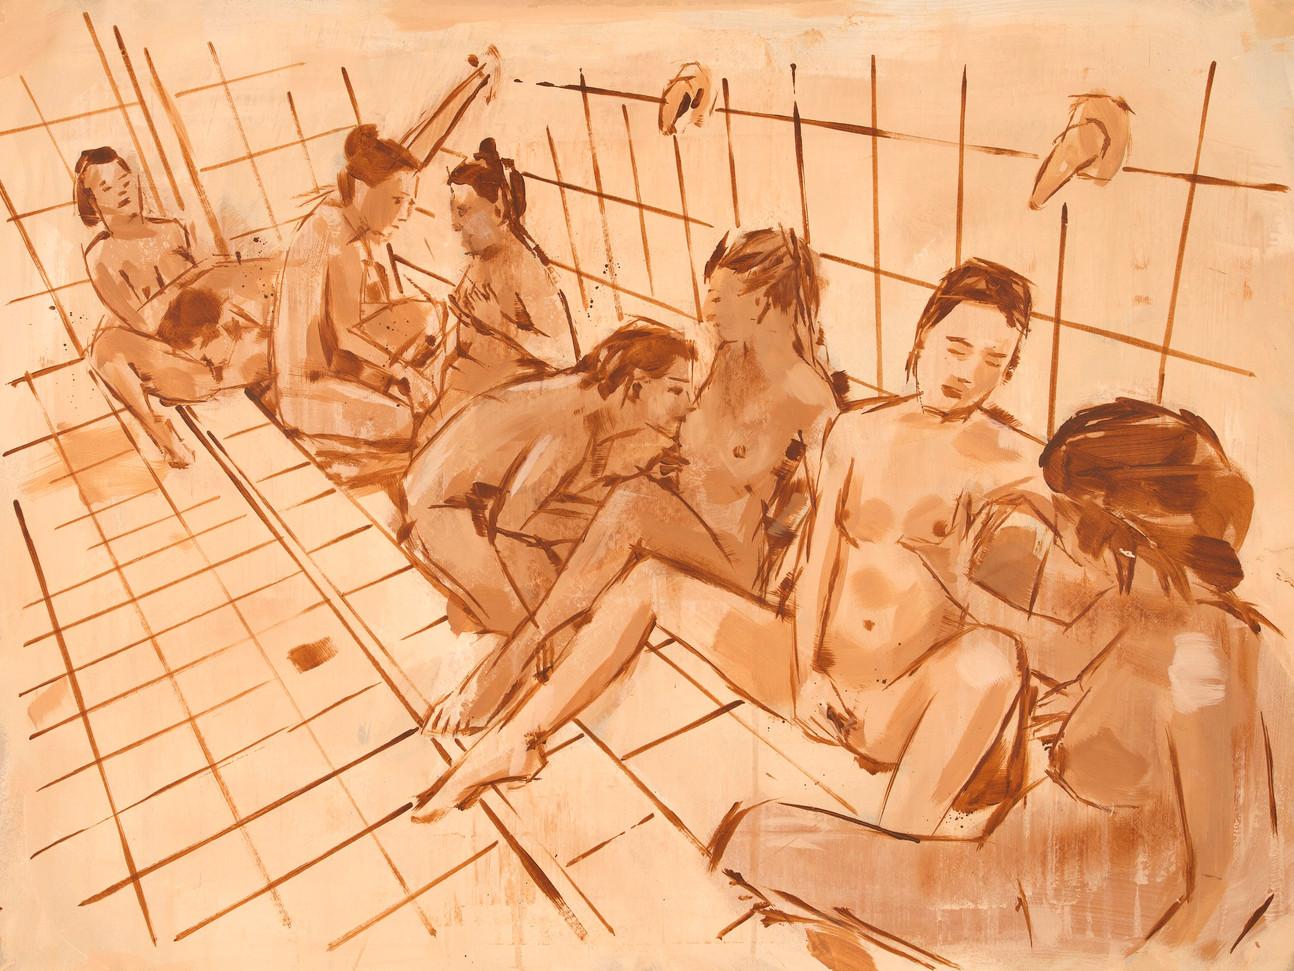 bathers III 60x80cm.jpg